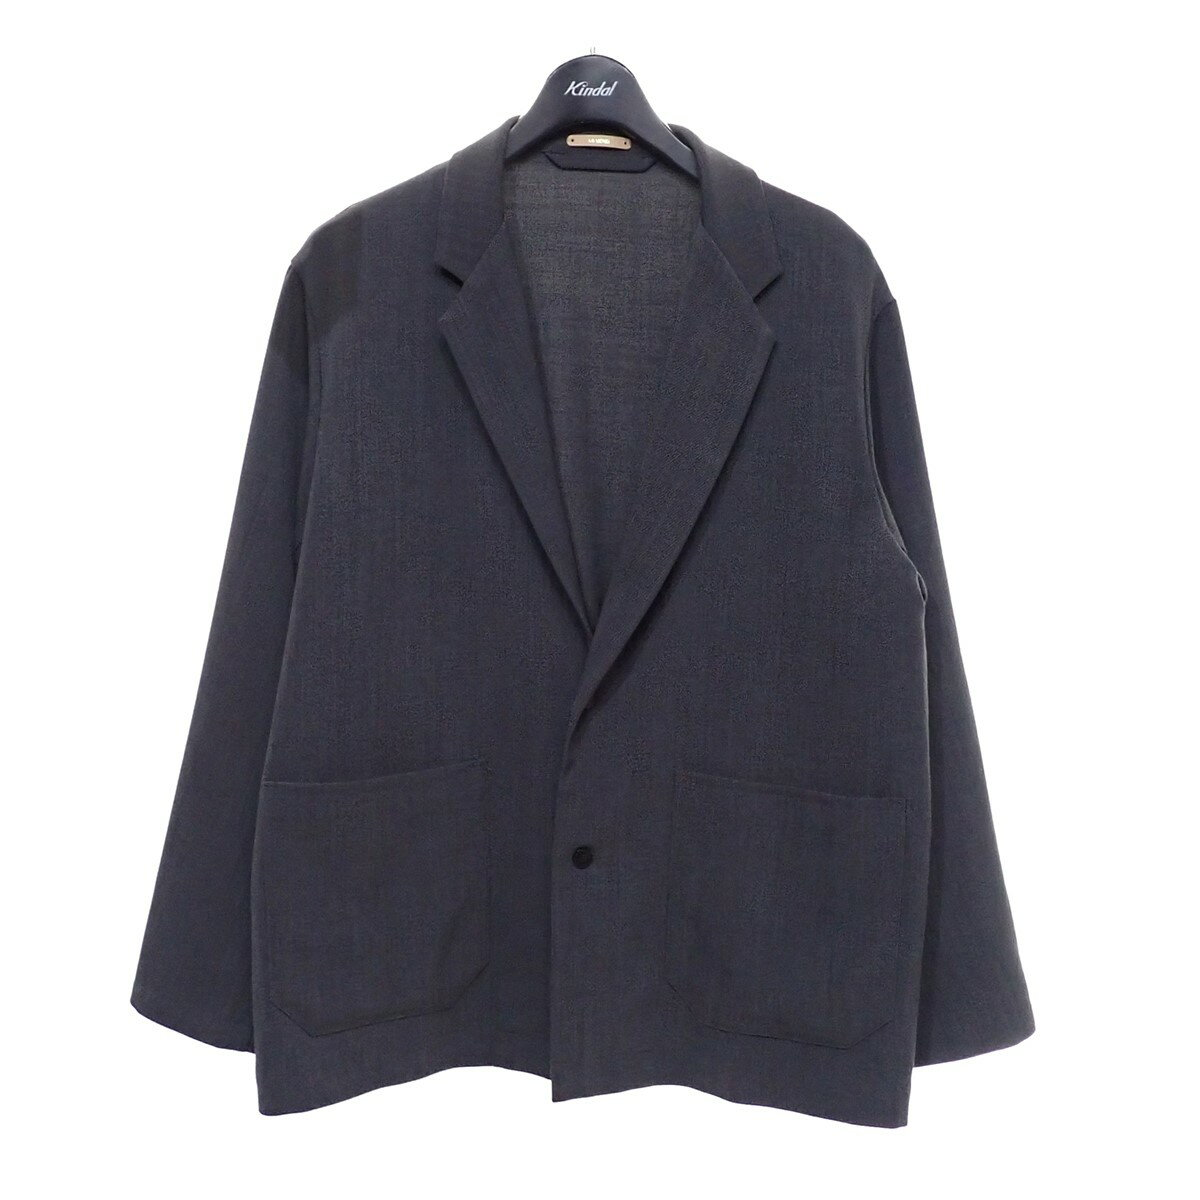 メンズファッション, コート・ジャケット LAMOND LM-O-089 KARSEY STRECH WIDE JACKET 2 200521